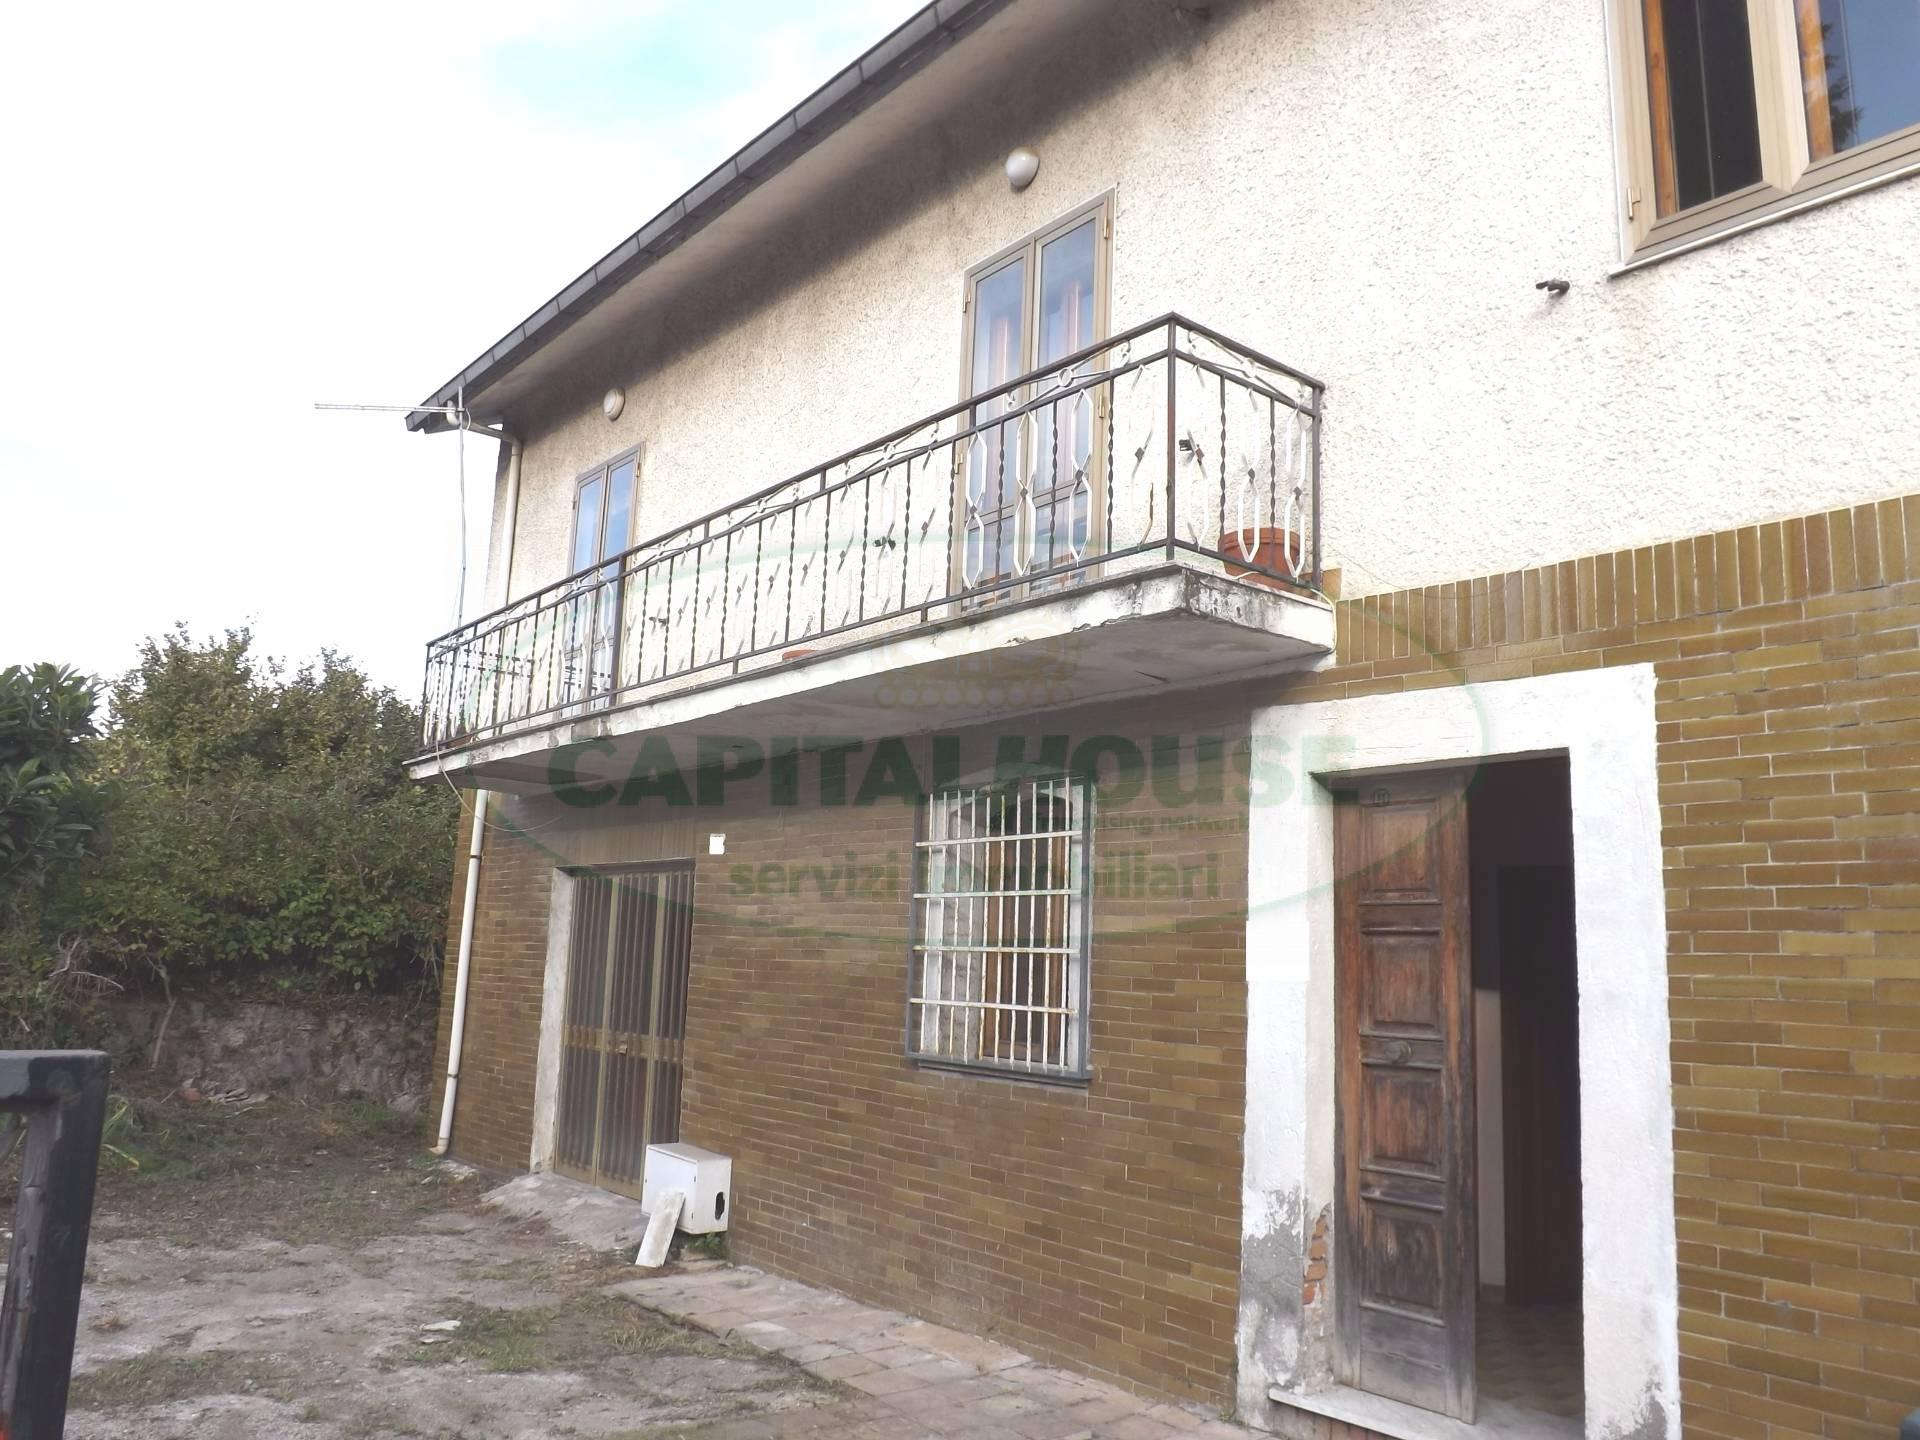 Villa in vendita a Atripalda, 5 locali, prezzo € 200.000 | CambioCasa.it